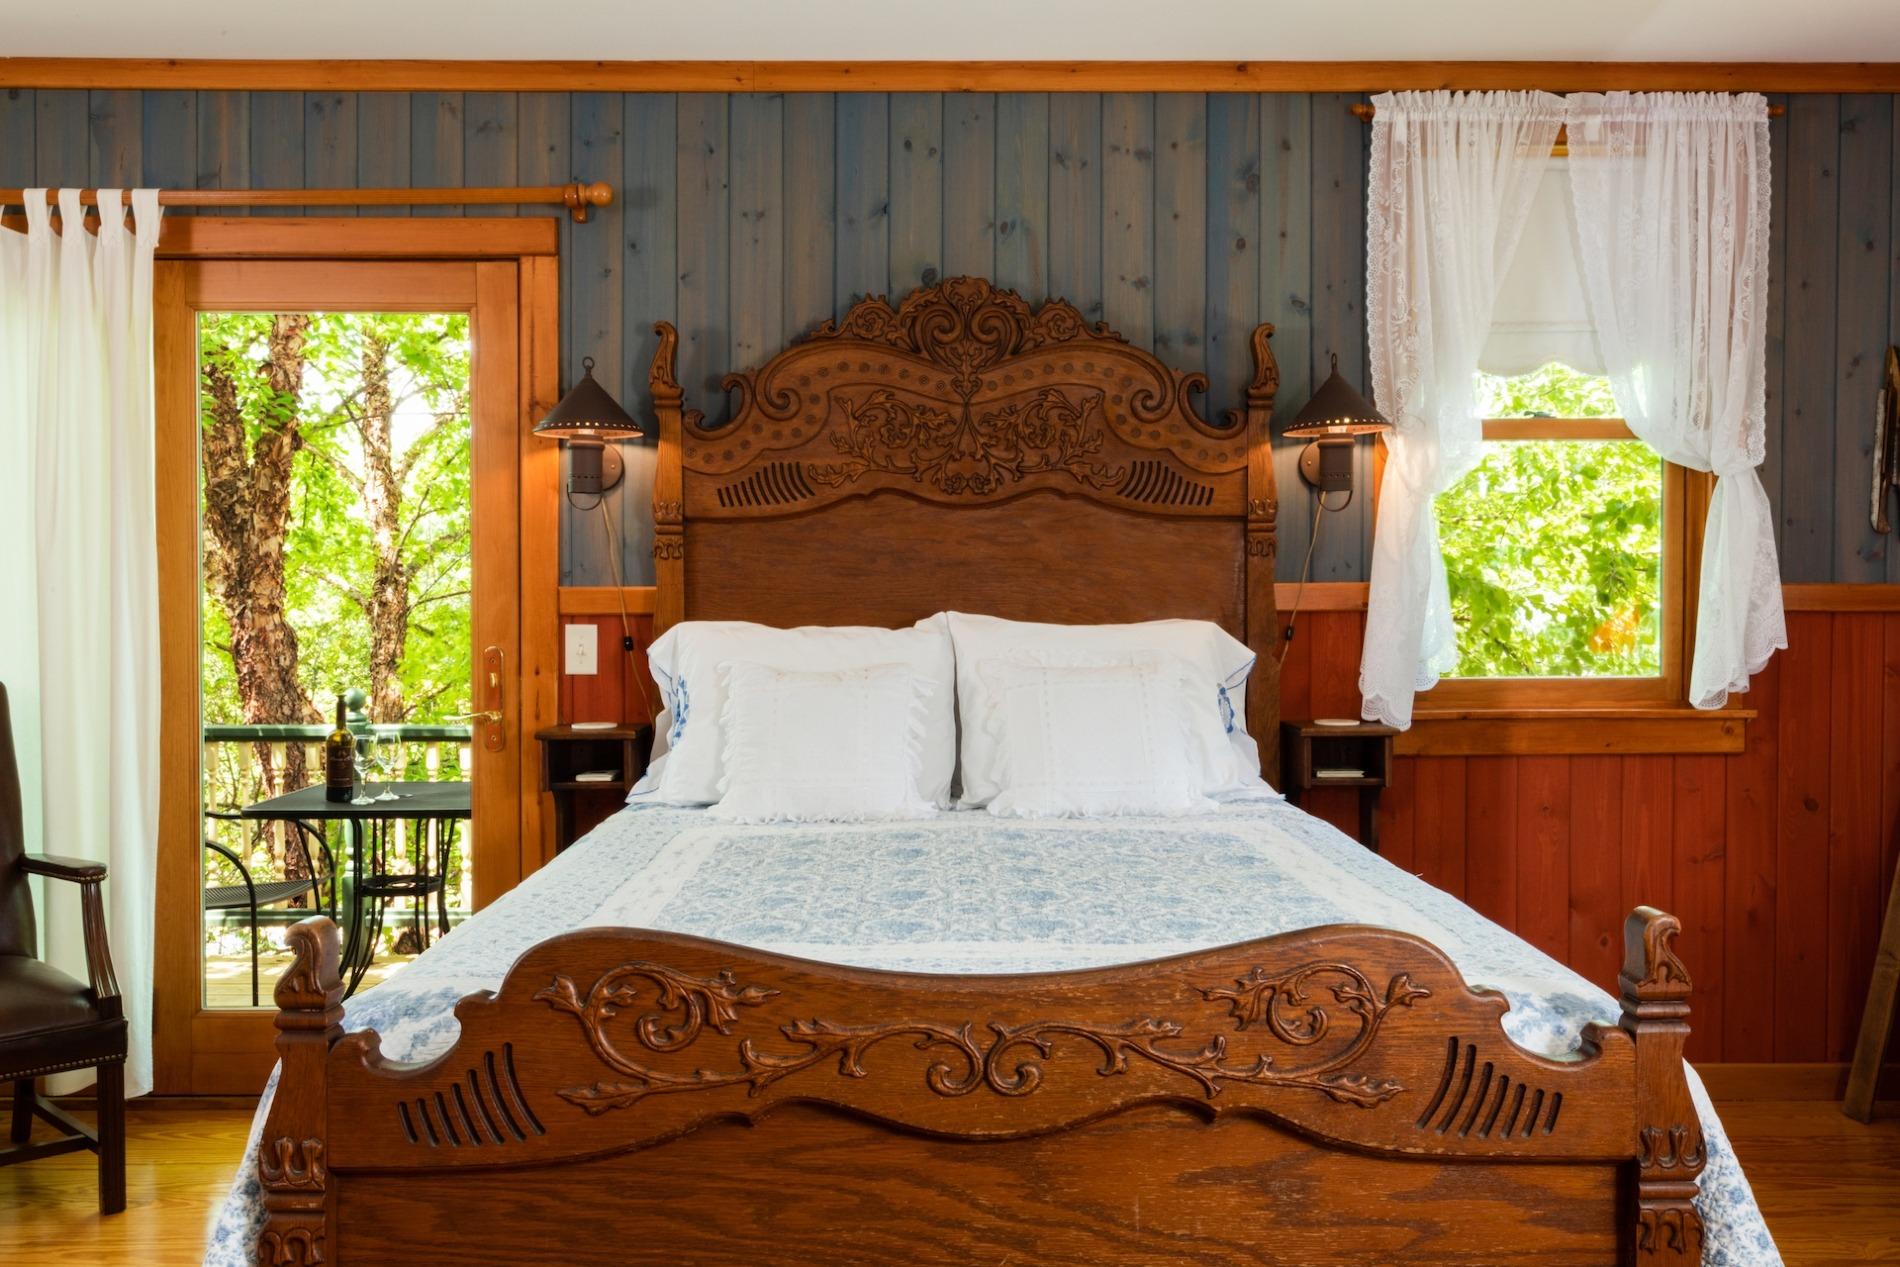 Habberstad-scandinavianbed (1) (1) - Habberstad House Bed and Breakfast (1) (1)